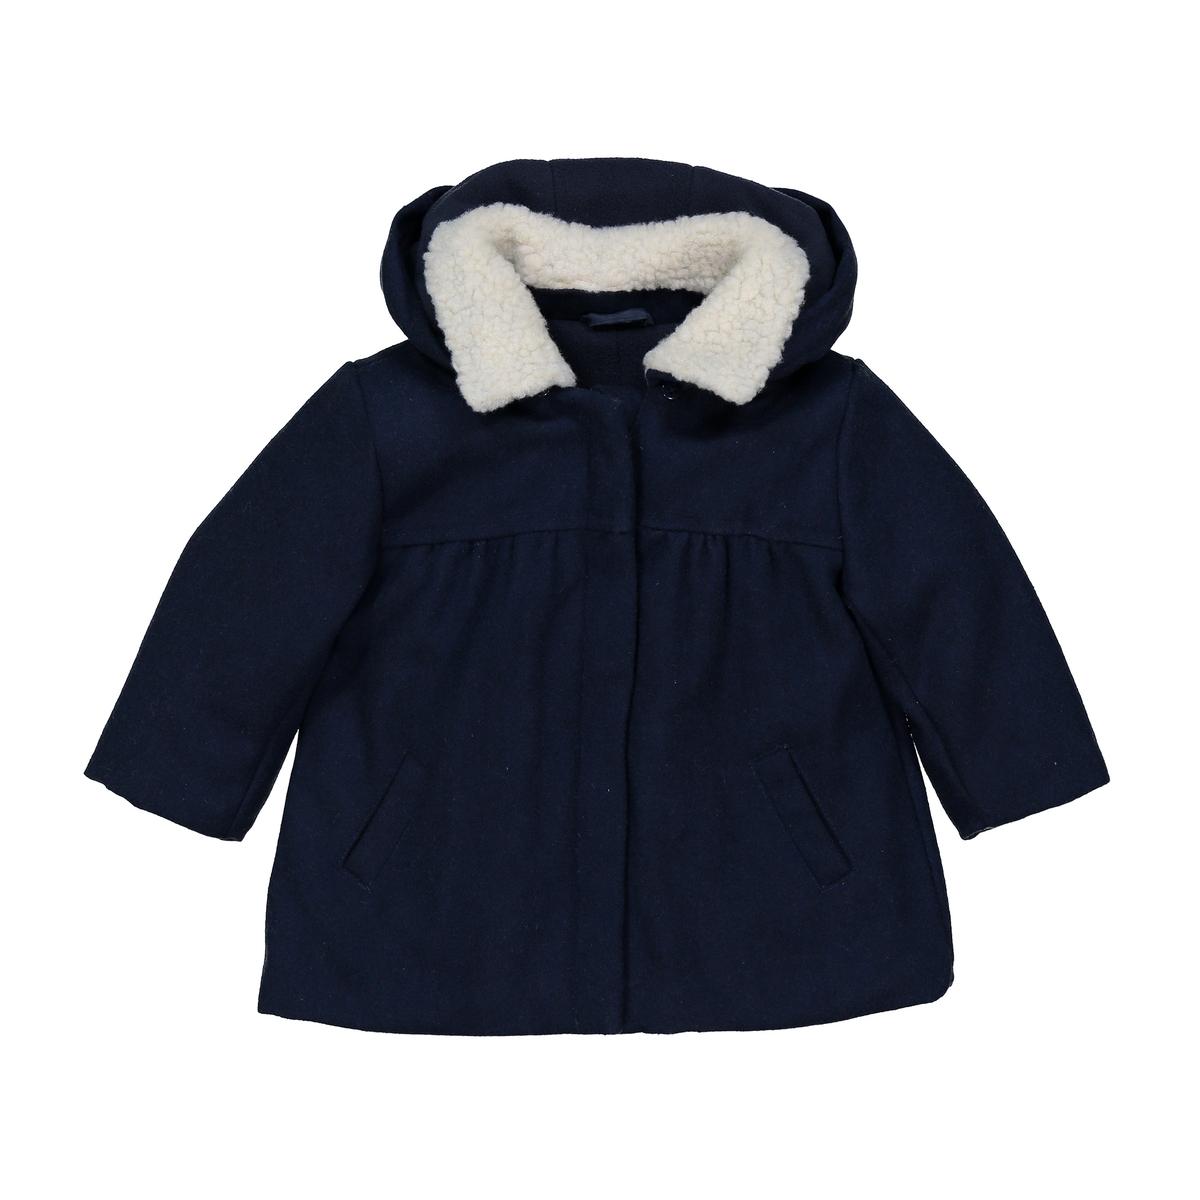 Пальто из шерстяного драпа с капюшоном 3 мес- 3 лет пальто зимнее из шерстяного драпа